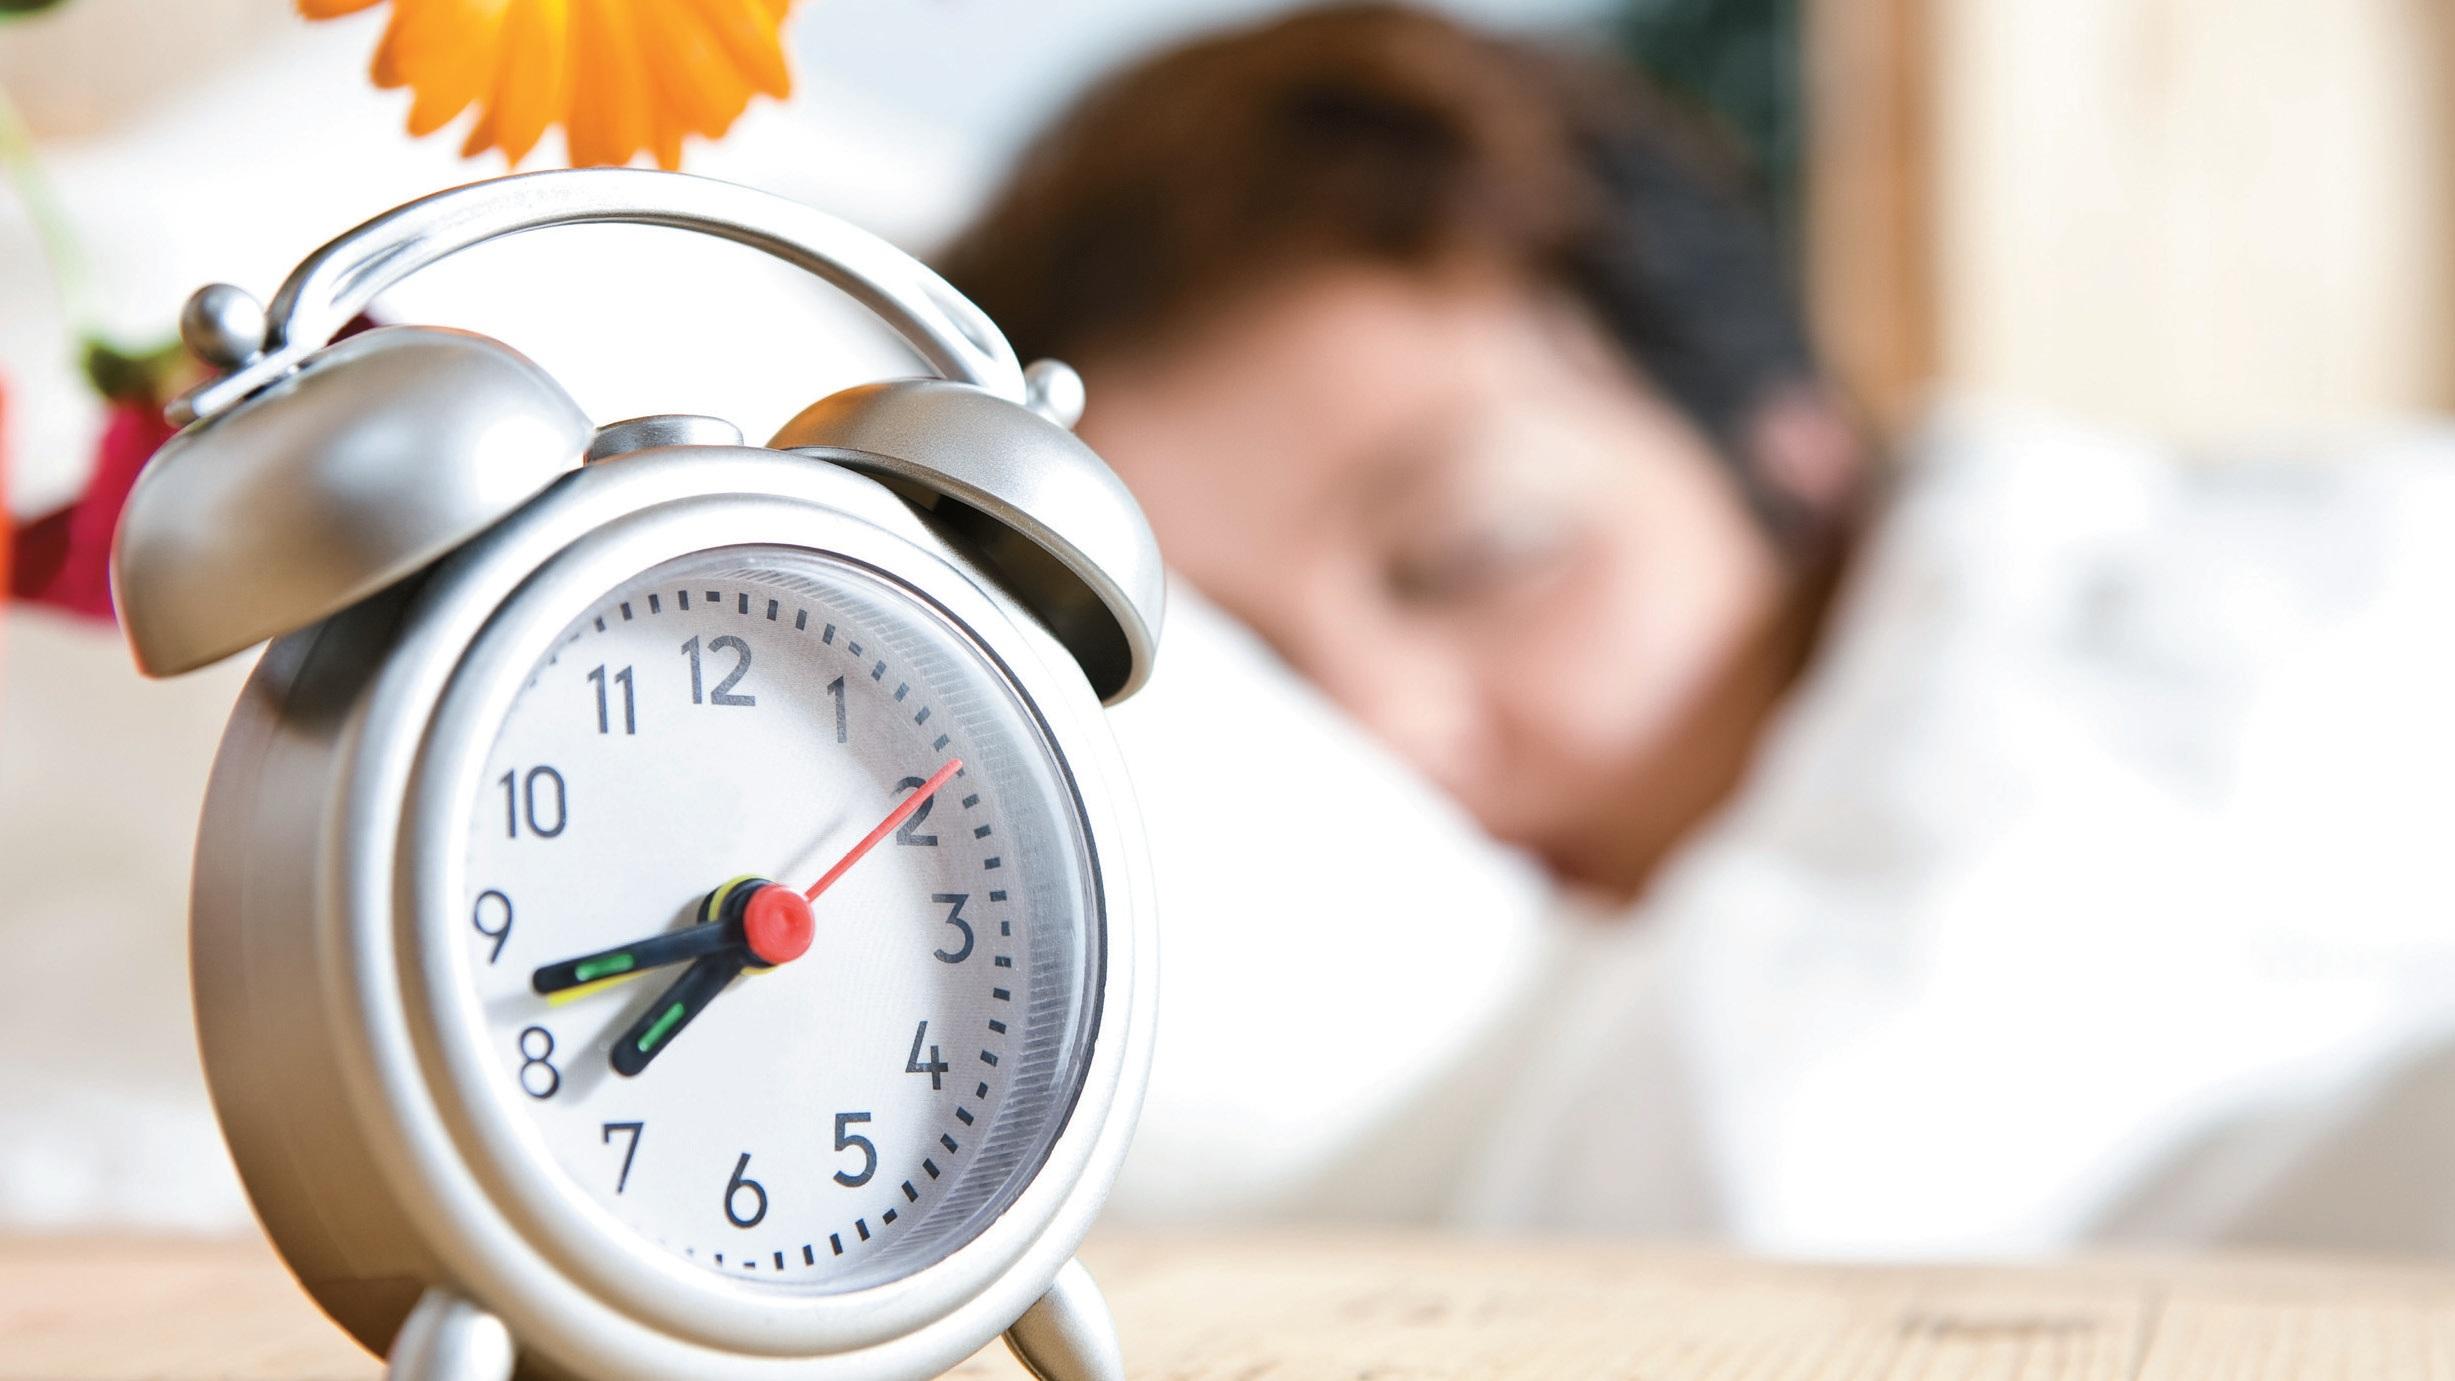 Спим на час больше или меньше? Когда состоится переход на зимнее время